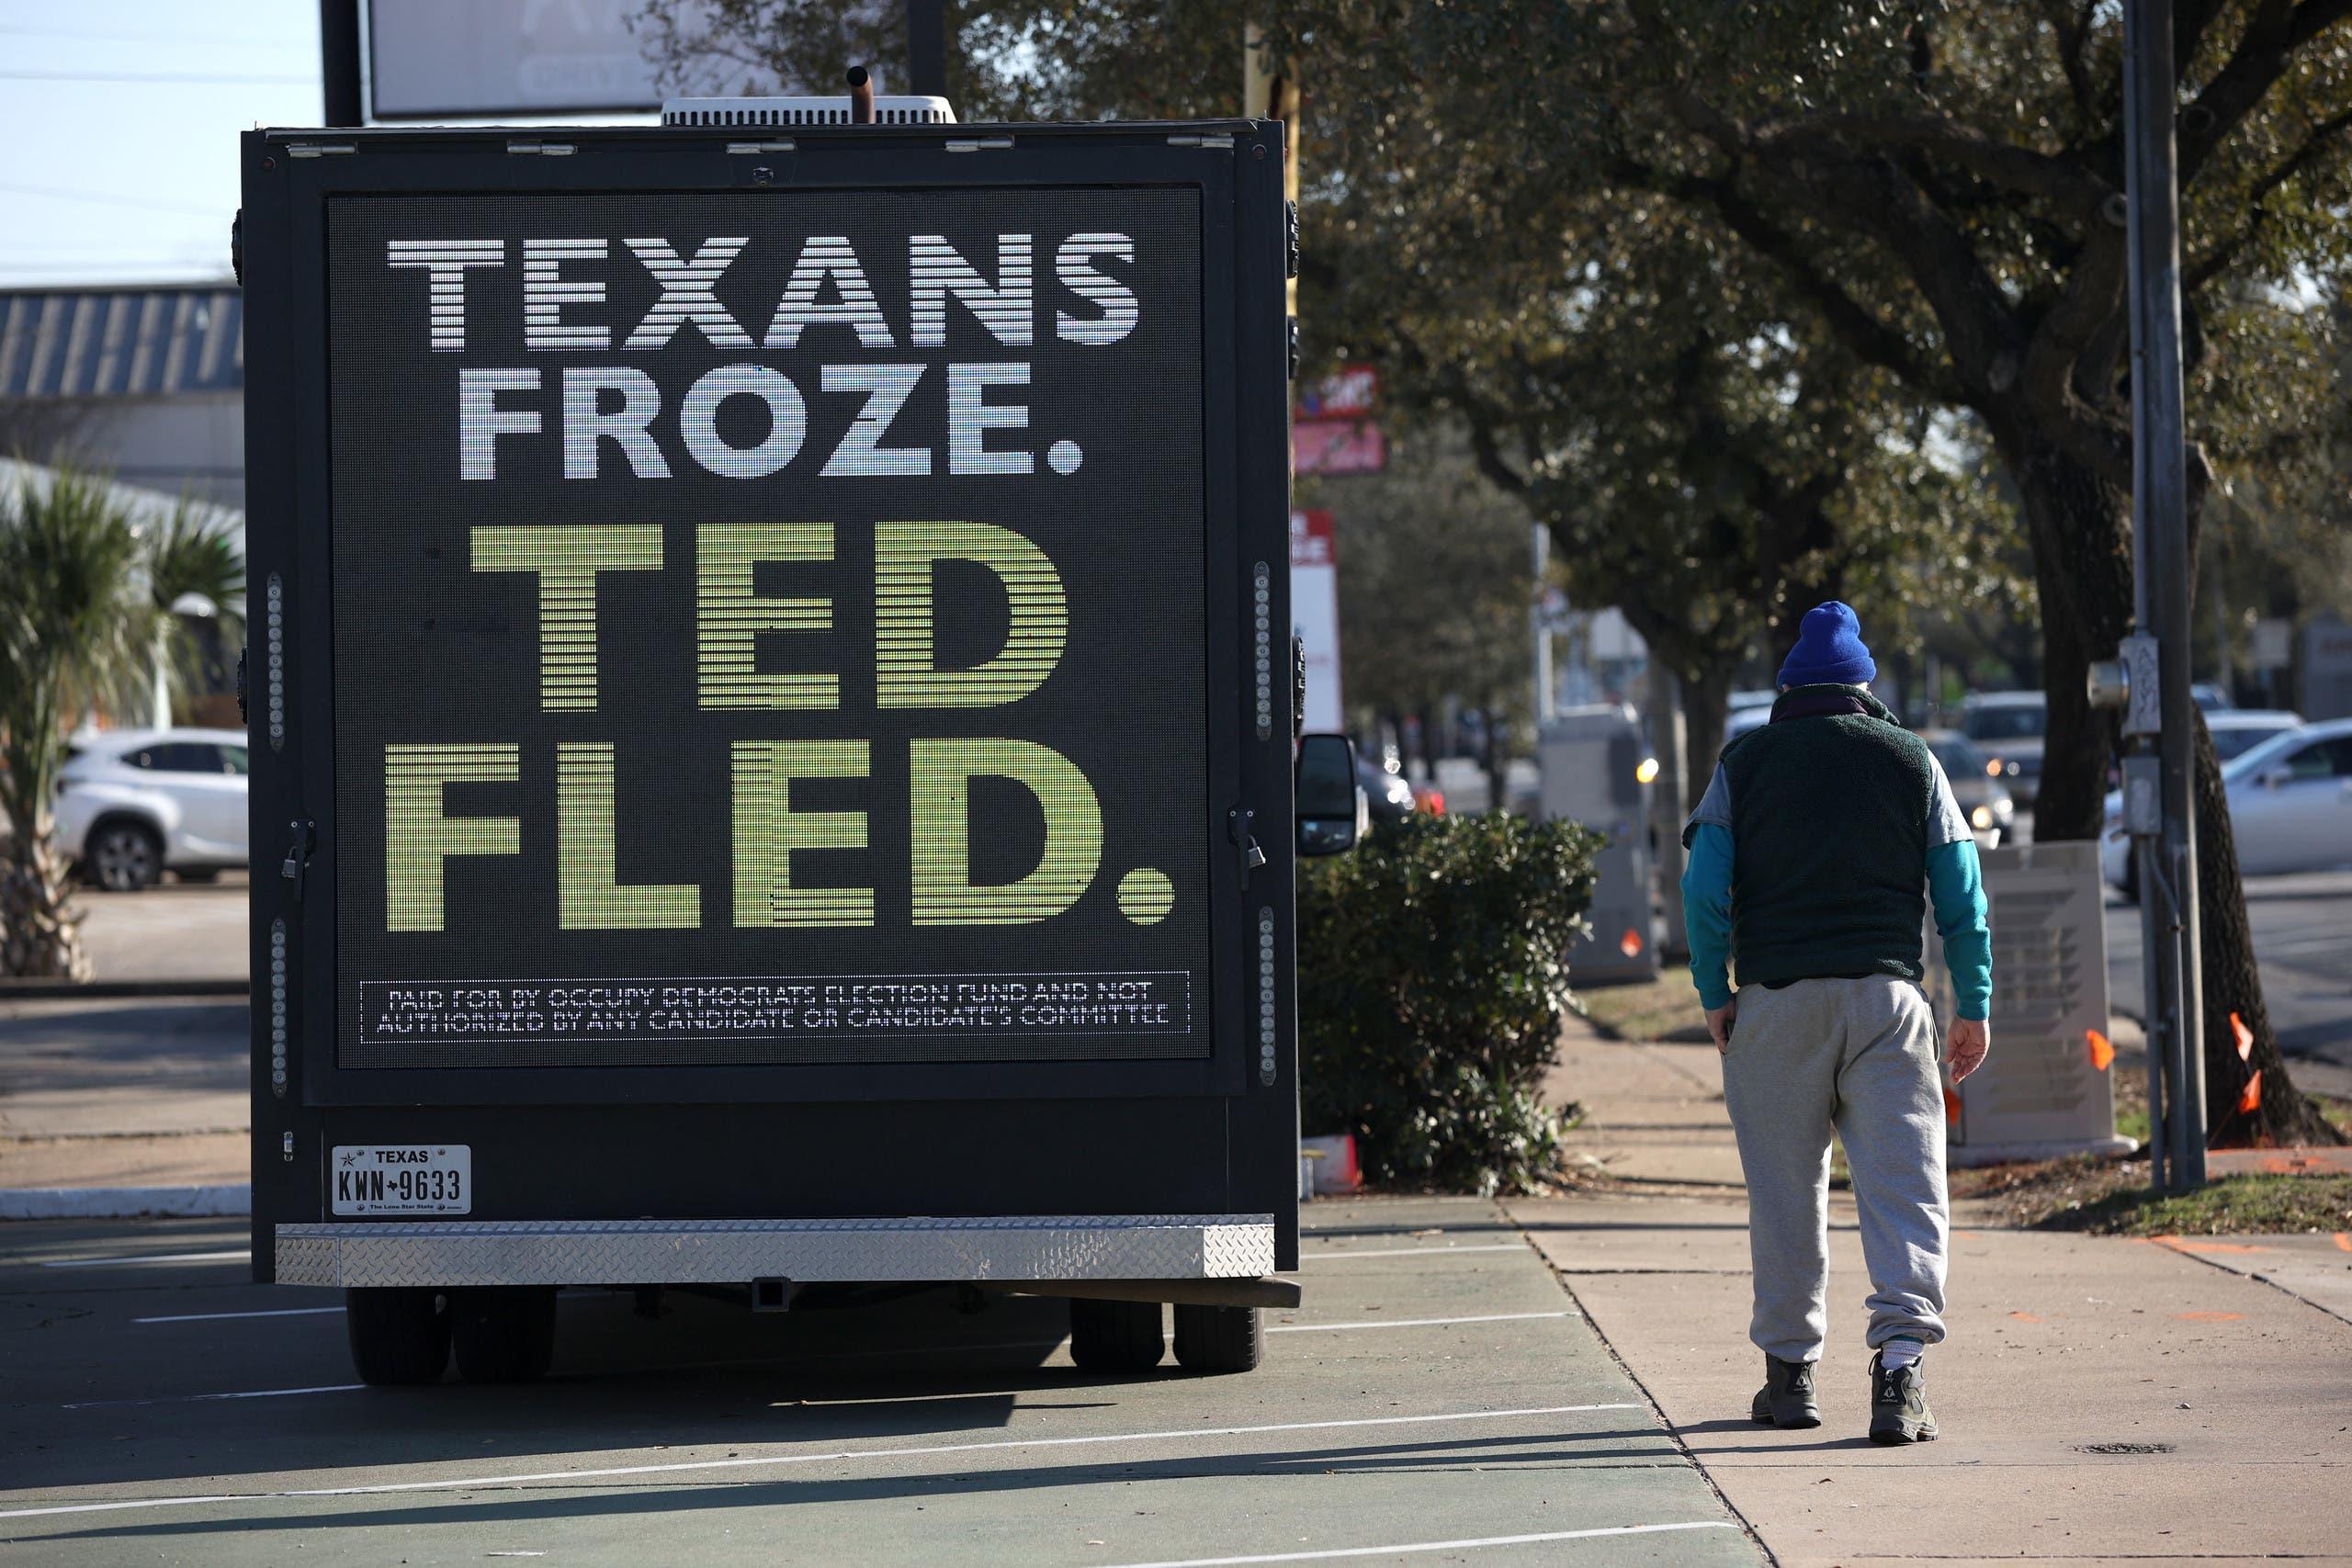 لافتة تنتقد السيناتور تيد كروز حيث كتب أهل تكساس يتجمدون وتيد يسافر (فرانس برس)